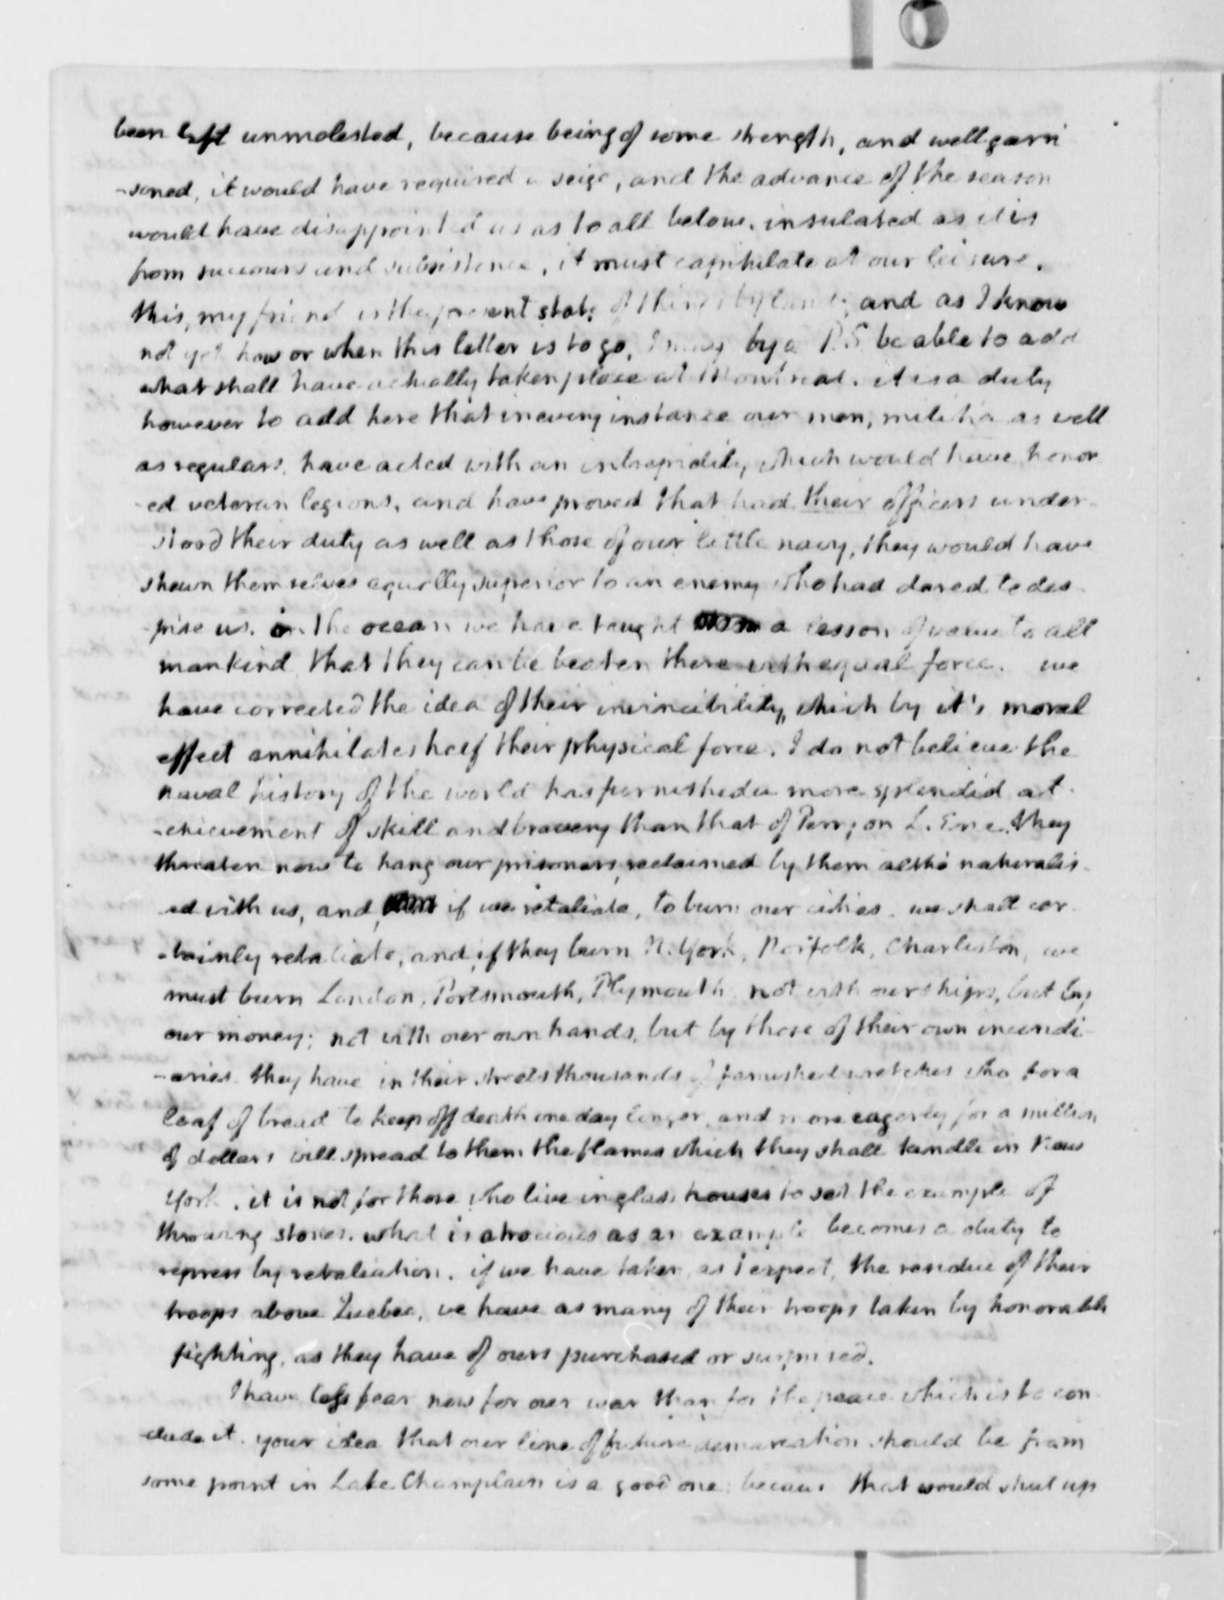 Thomas Jefferson to Thaddeus Kosciuszko, November 30, 1813